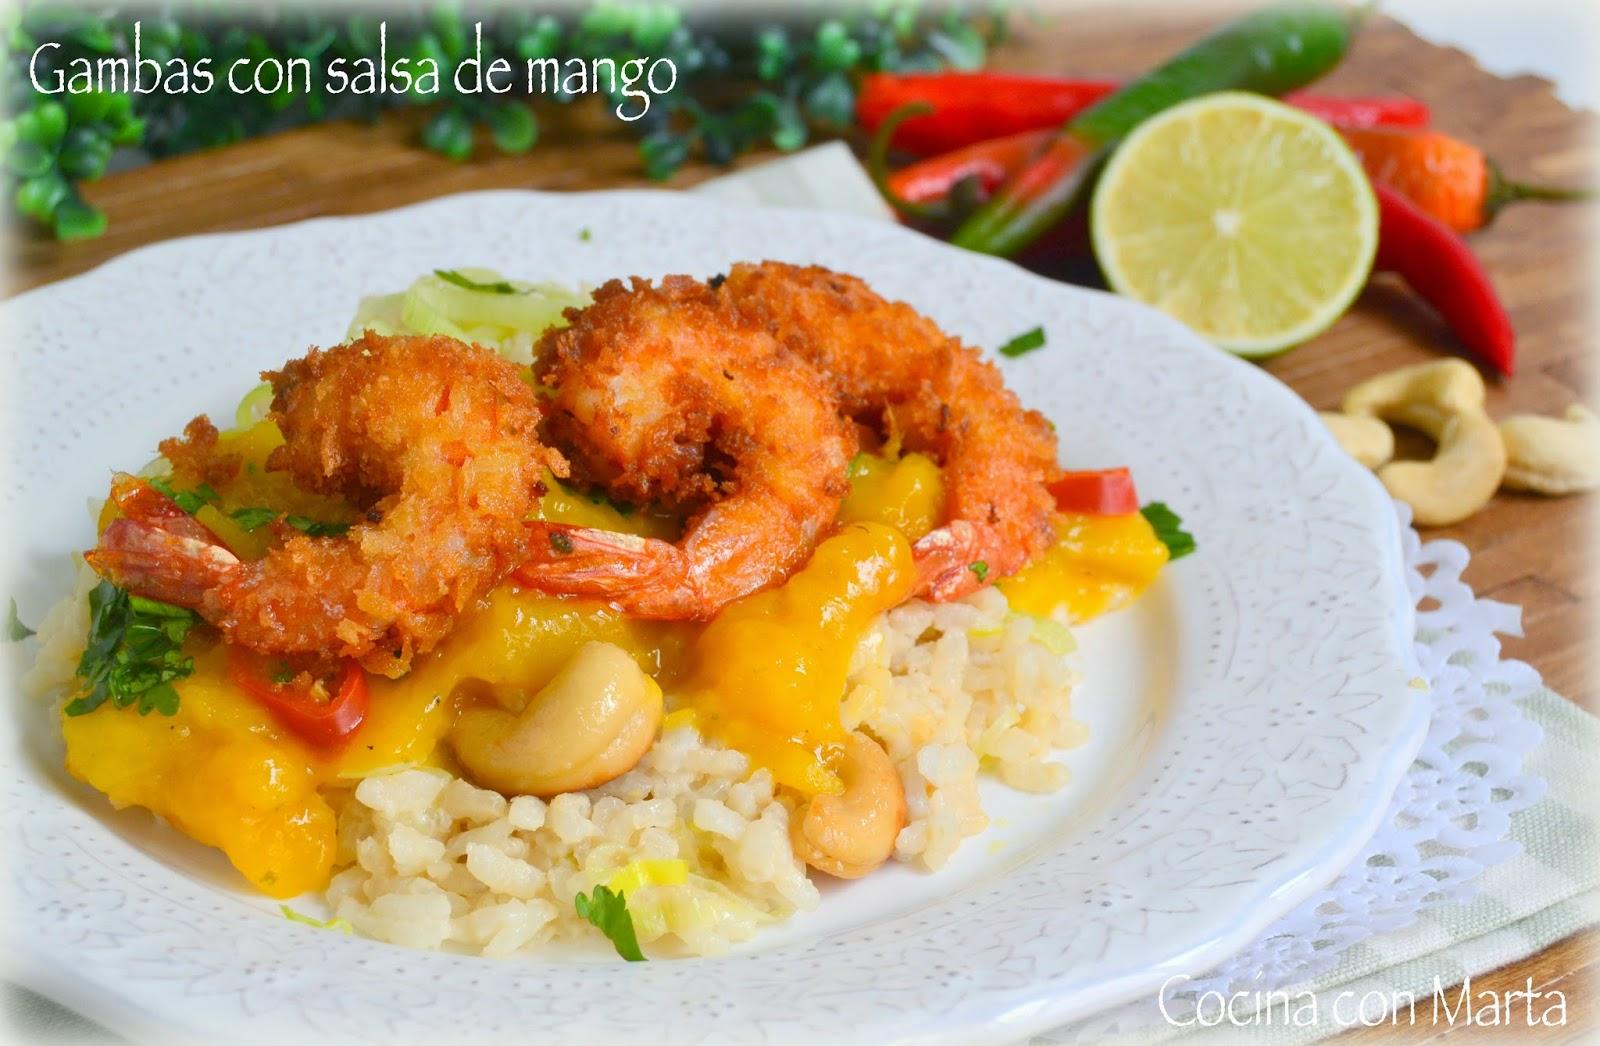 Receta de gambas o langostinos en salsa de mango, y arroz con leche de coco. Fácil, rápida y casera. Shrimp with Mango Sauce